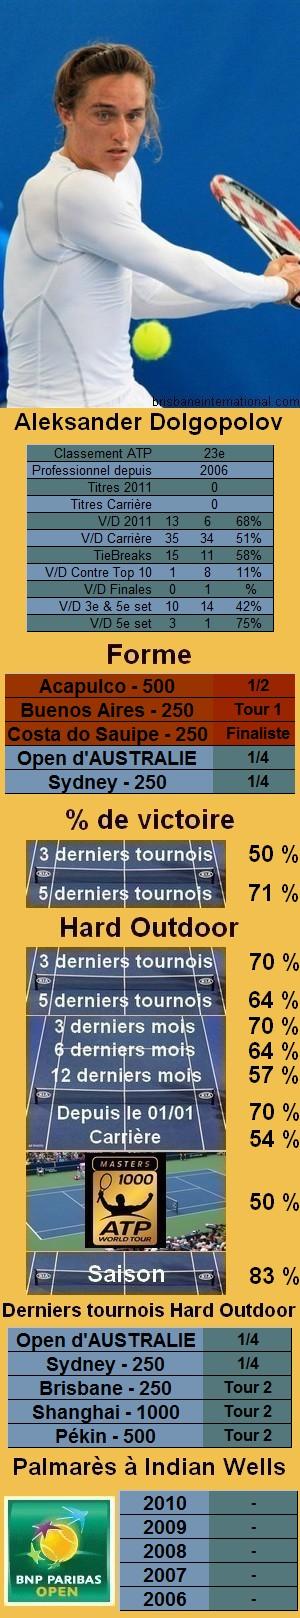 Les statistiques tennis de Alexander Dolgopolov pour le tournoi de Indian Wells